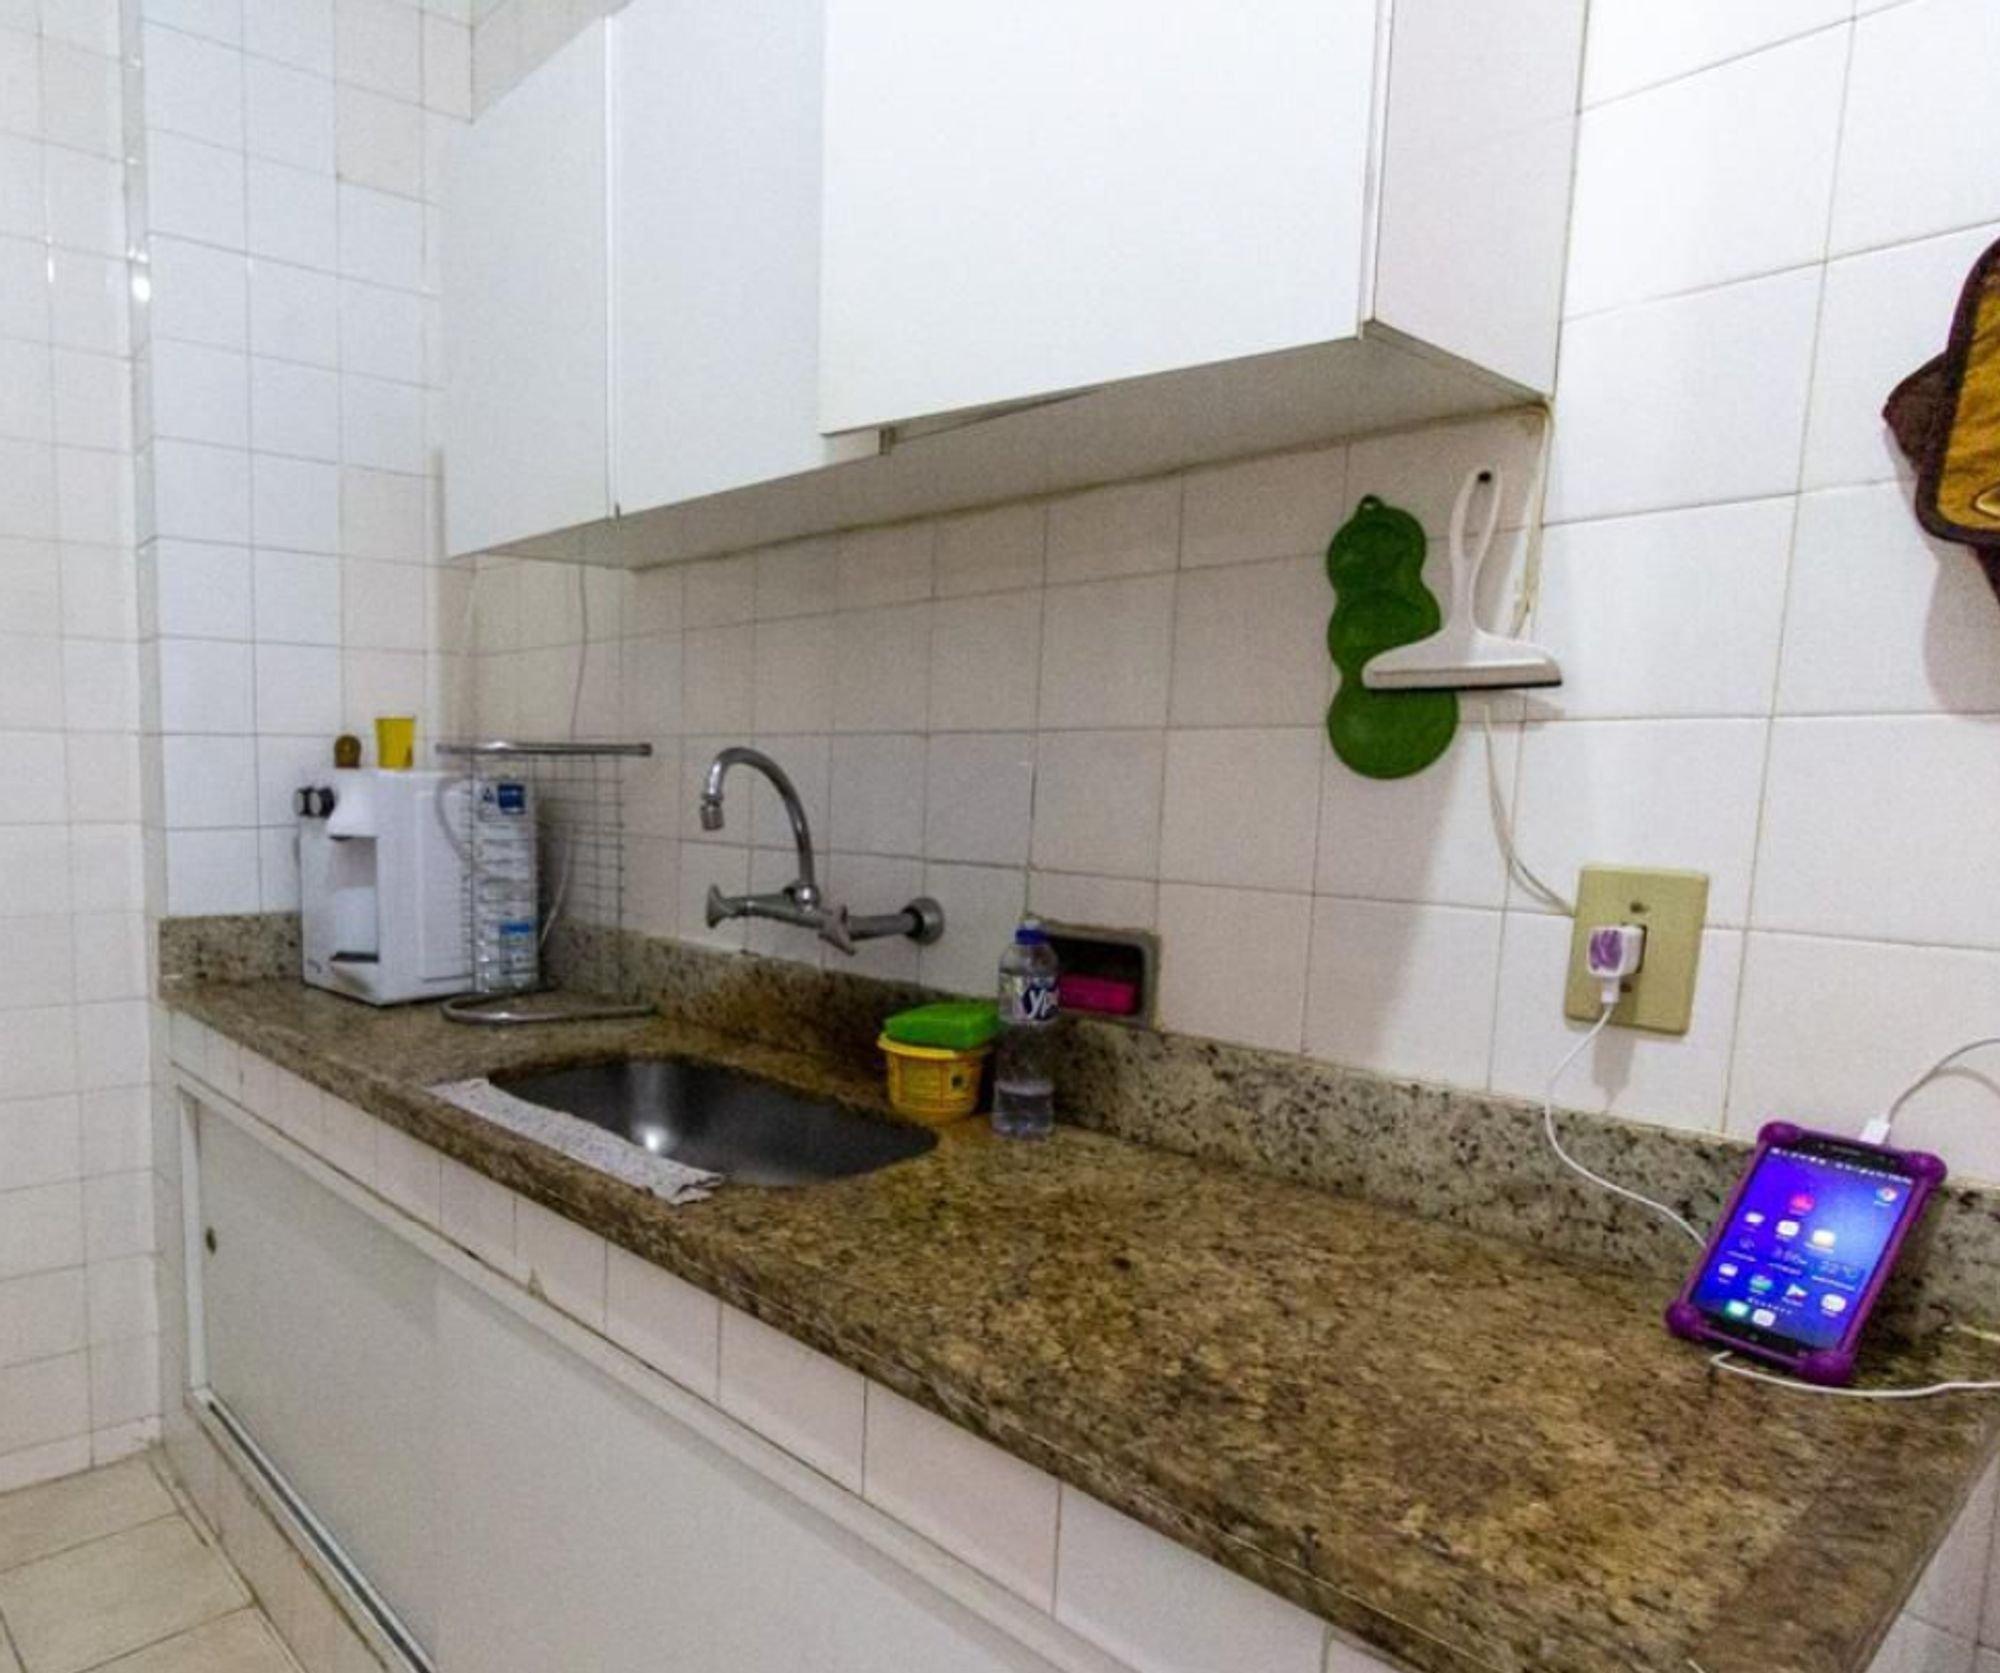 Foto de Cozinha com pia, garrafa, xícara